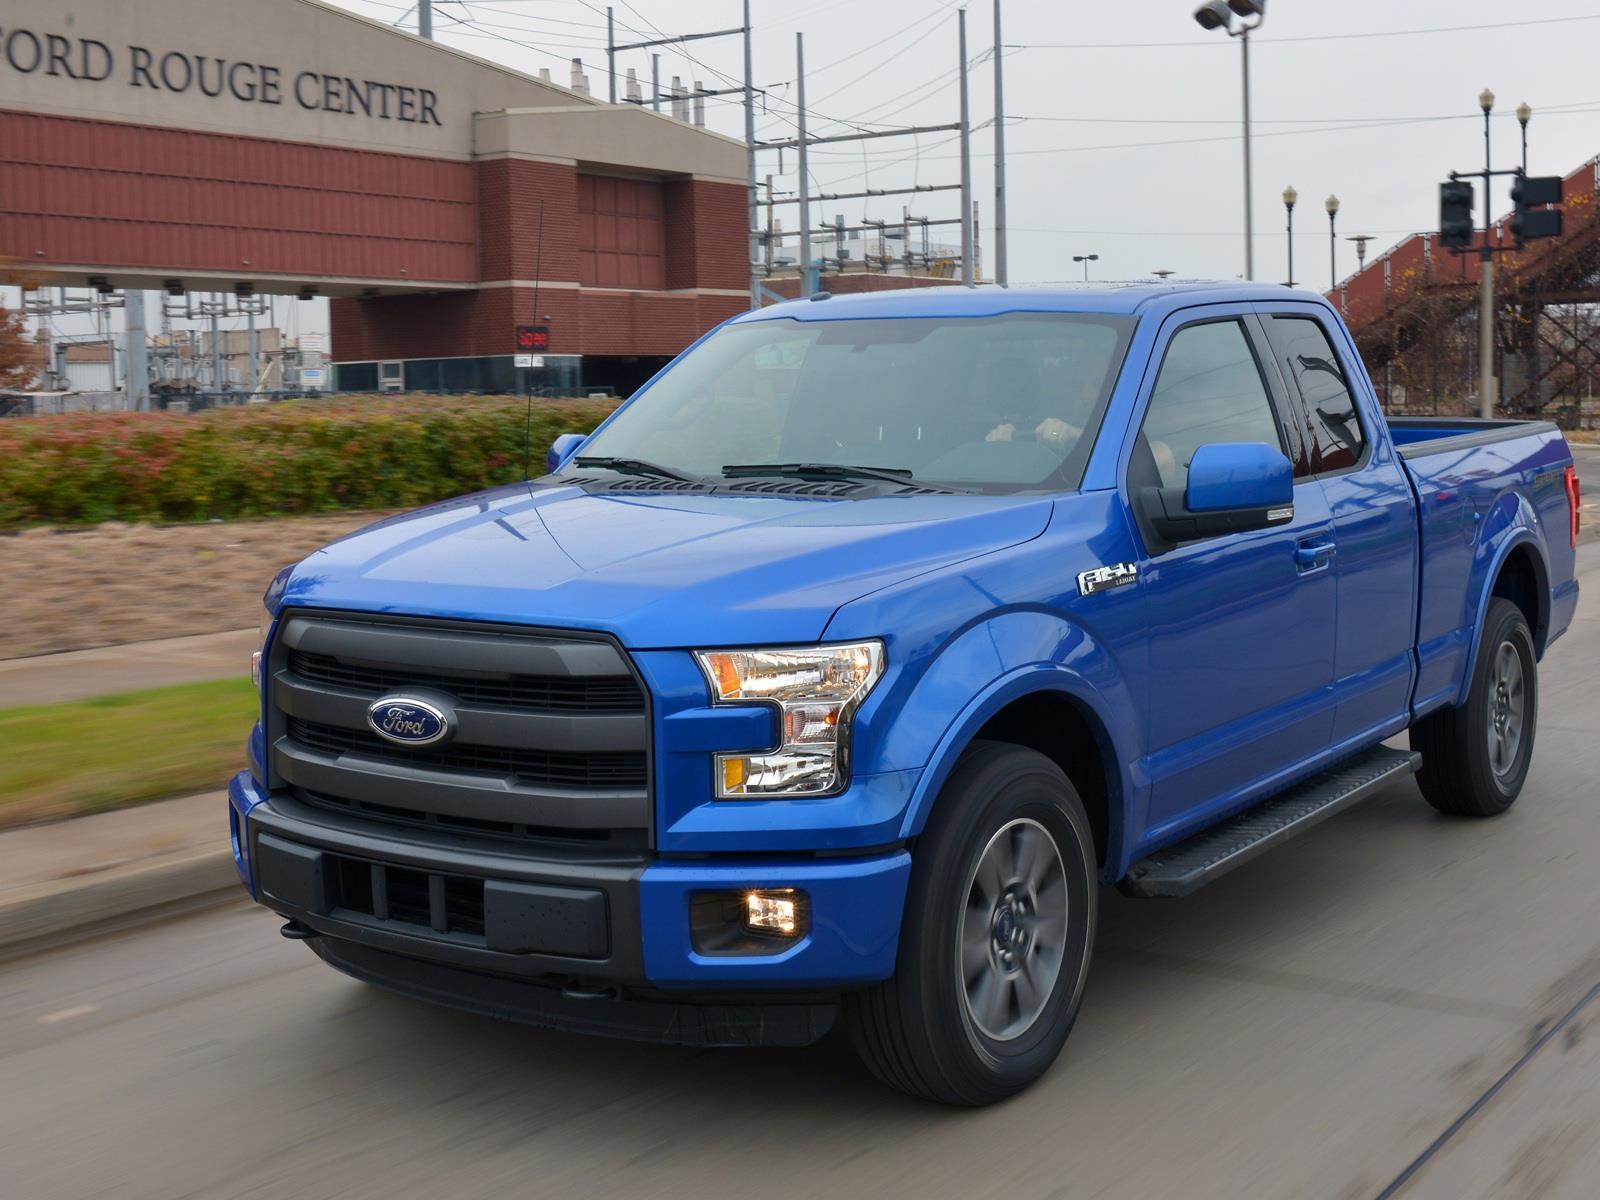 Ford Contrata M 225 S Trabajadores Para Satisfacer La Demanda